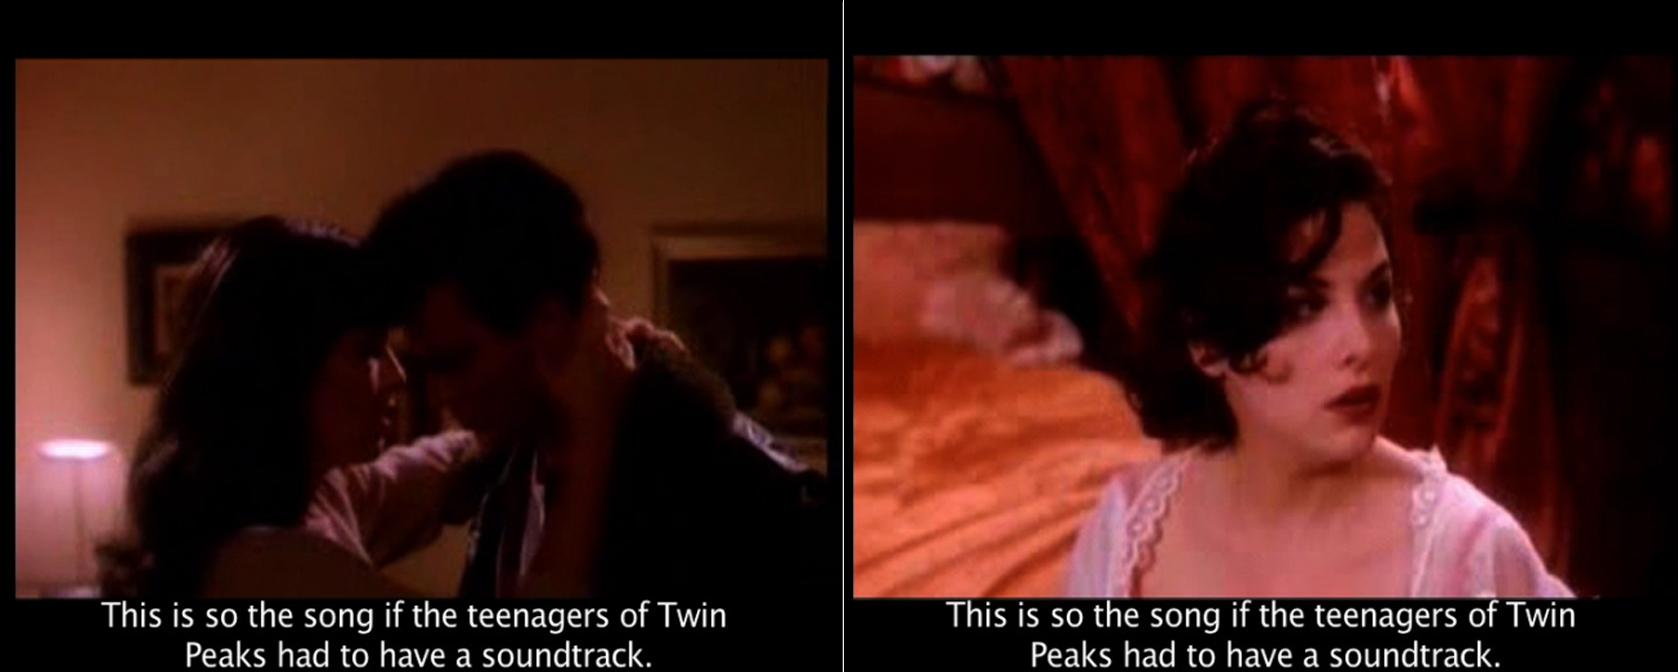 Twin Peaks Teens, 2008